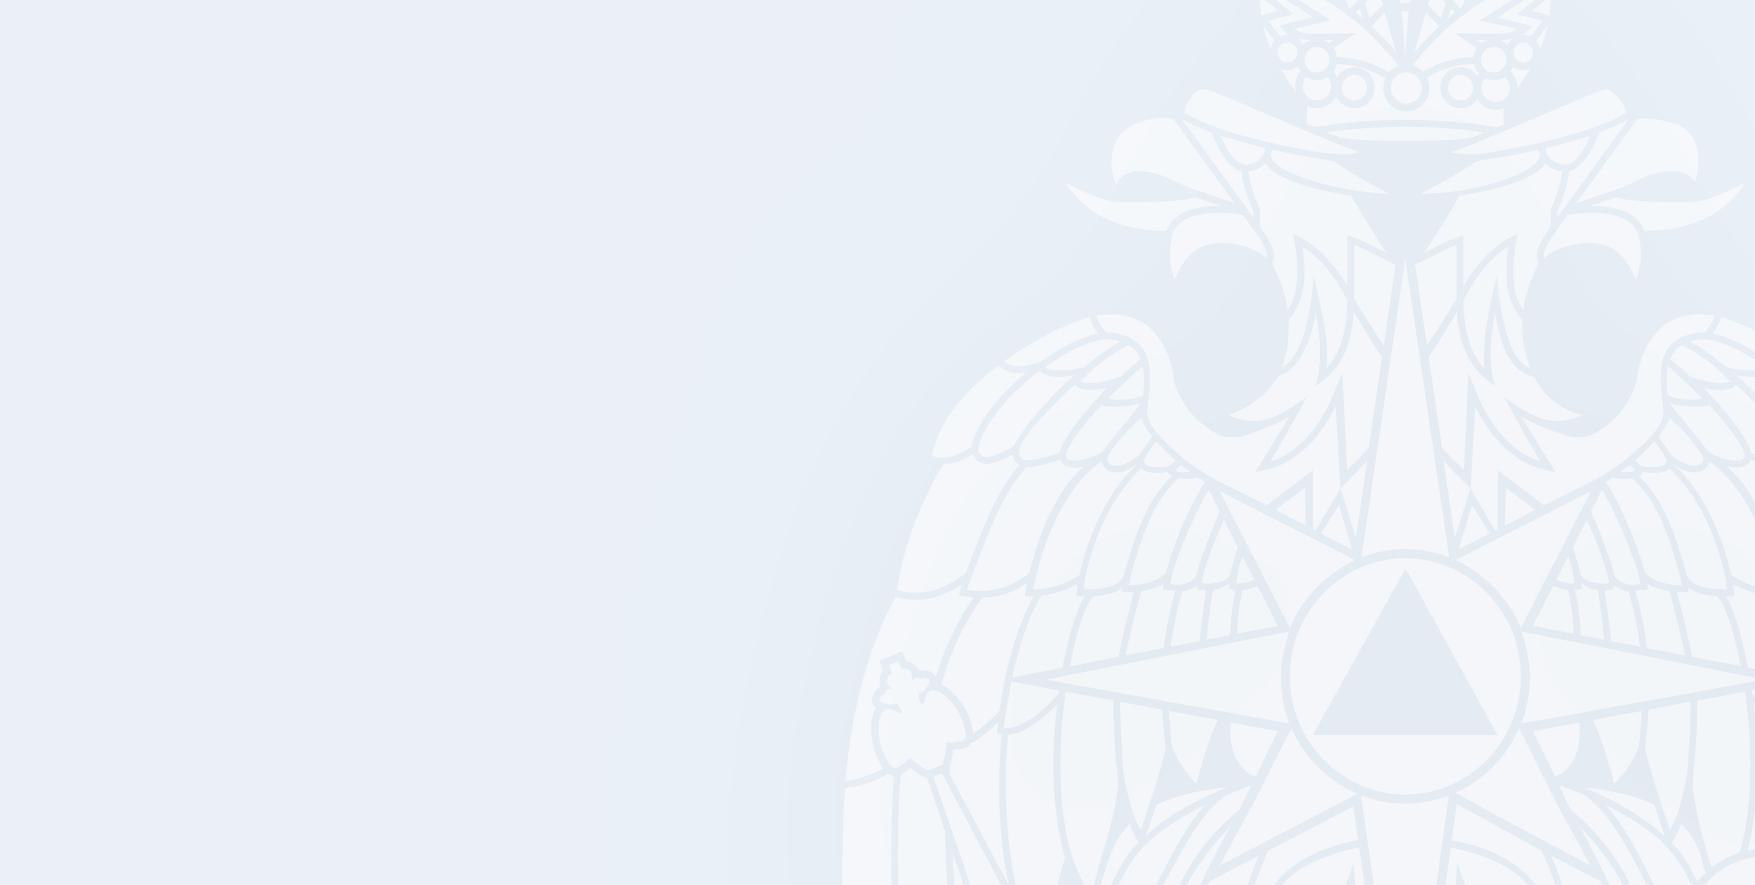 В результате выпадения обильных осадков произошло подтопление жилых домов в н.п. Заречная